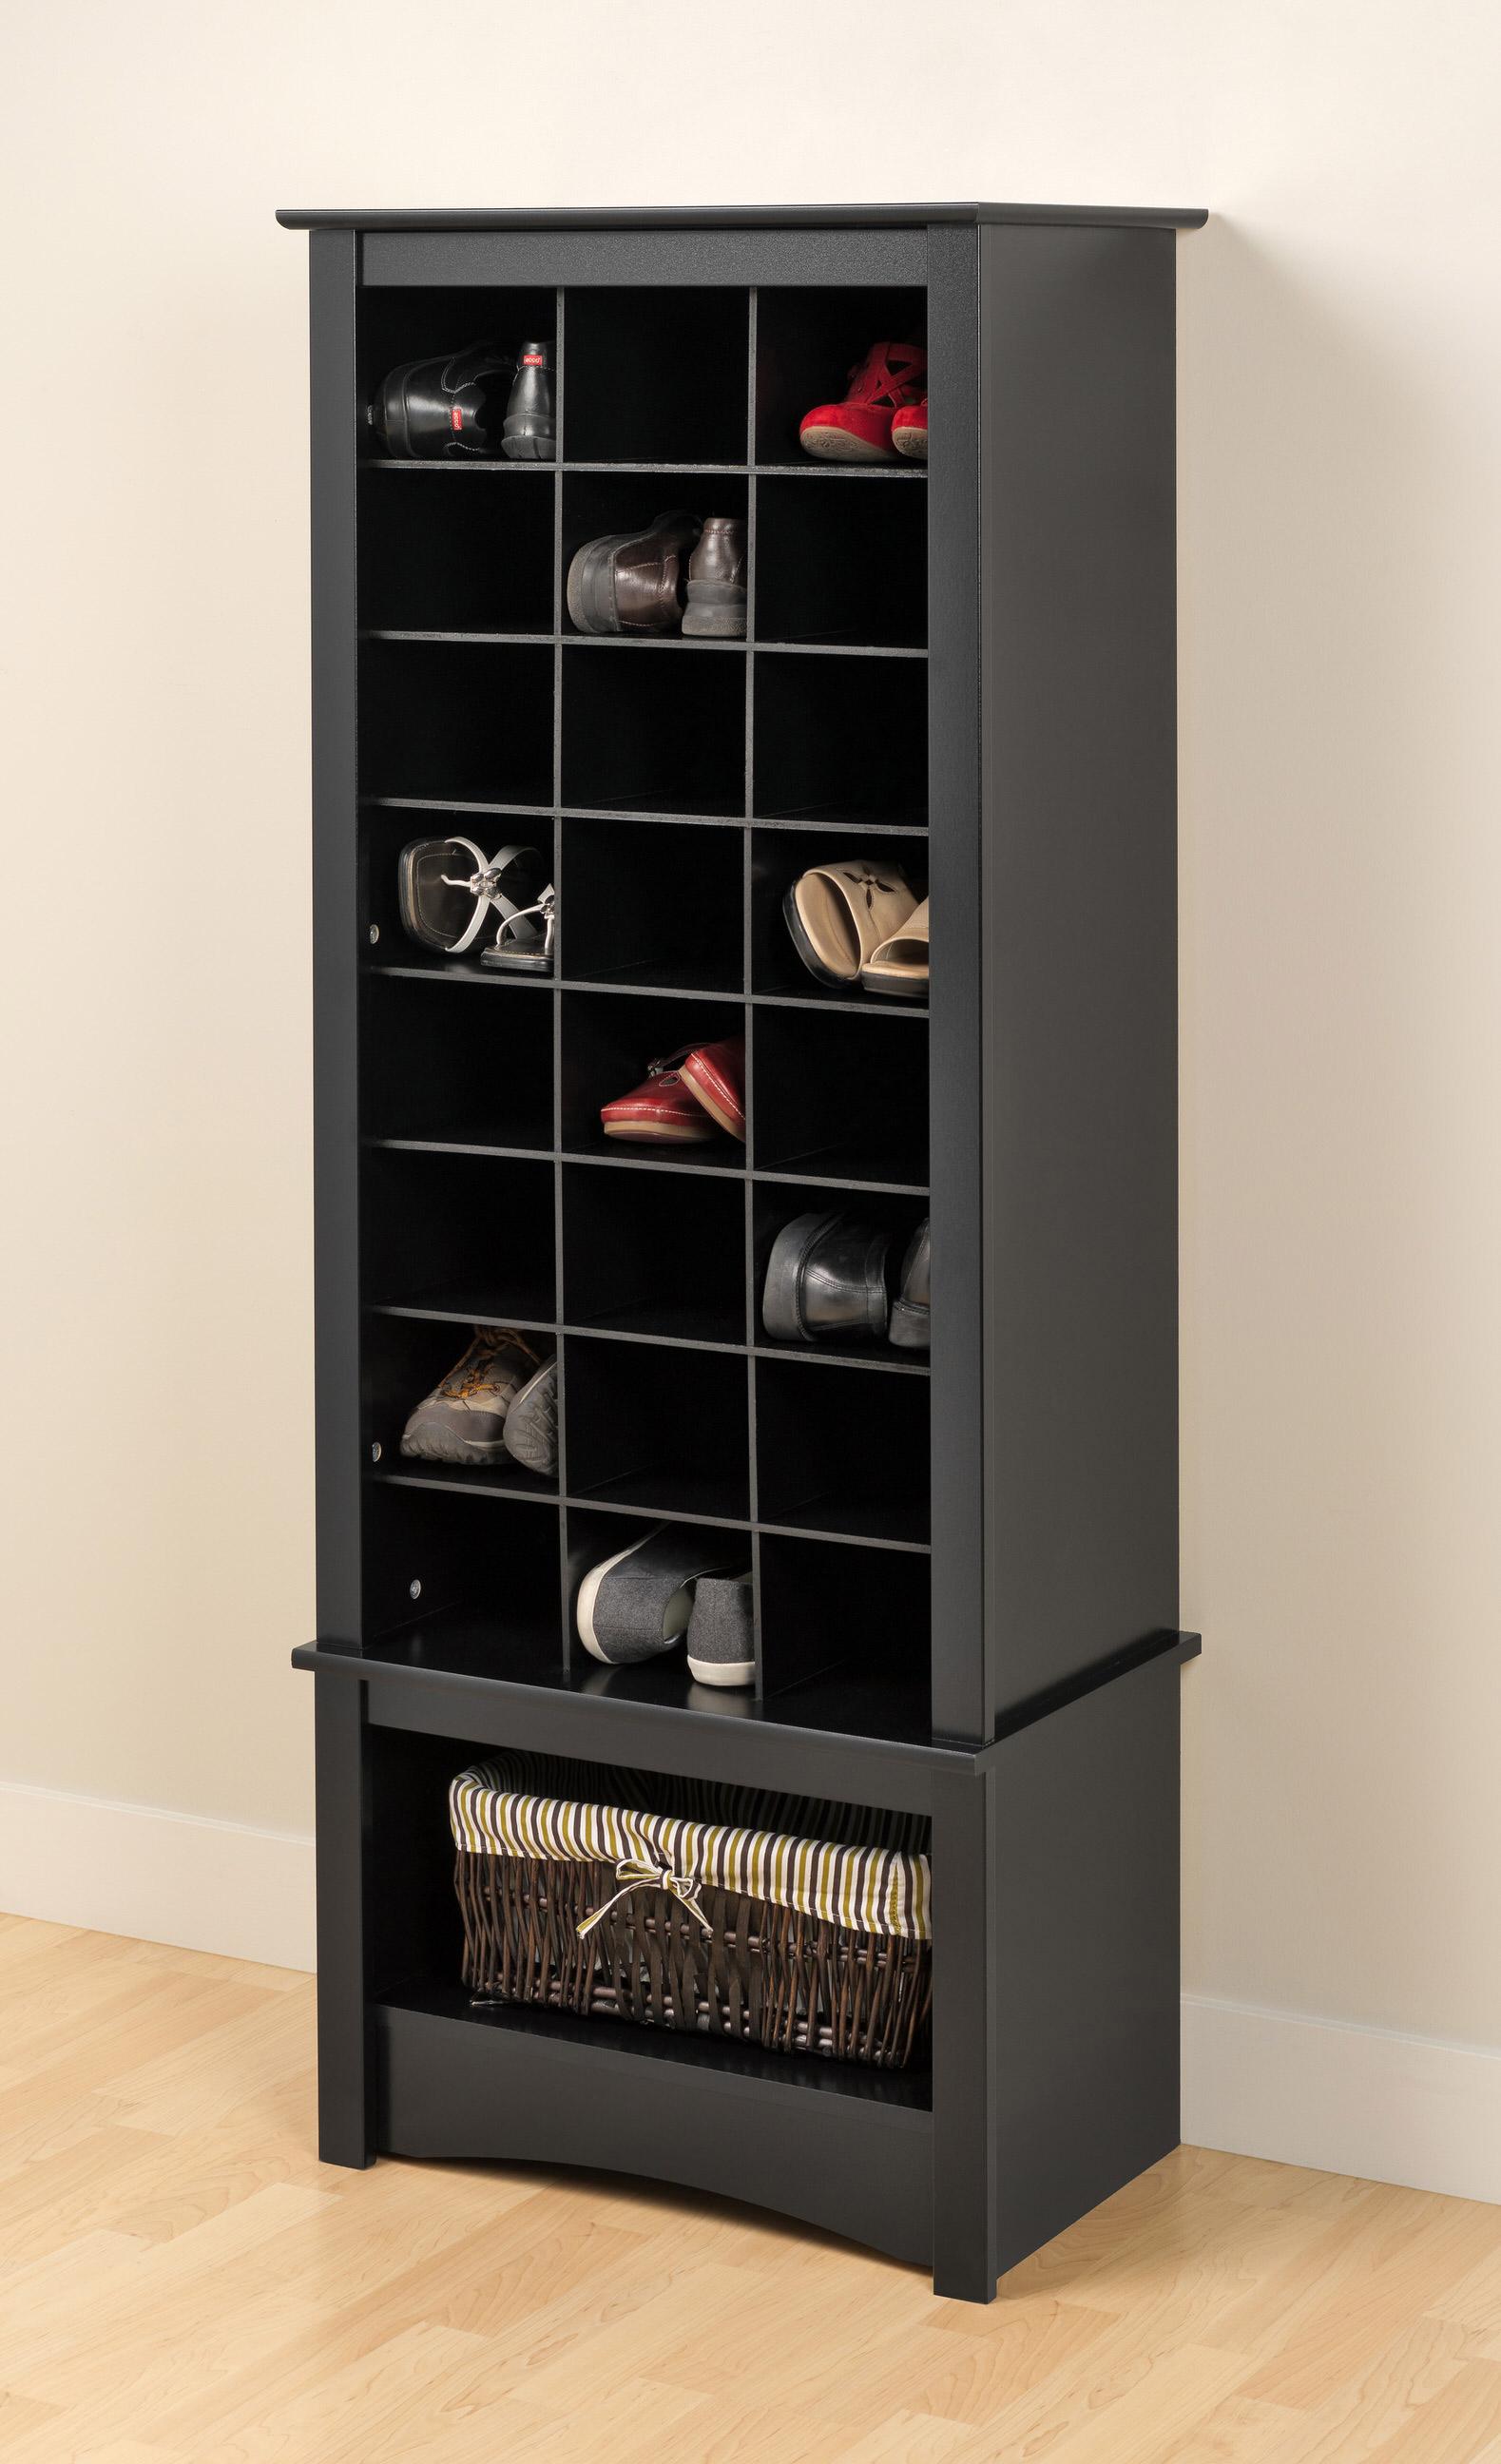 Tall Shoe Cubbie Cabinet By Prepac (Prepac Manufacturing)